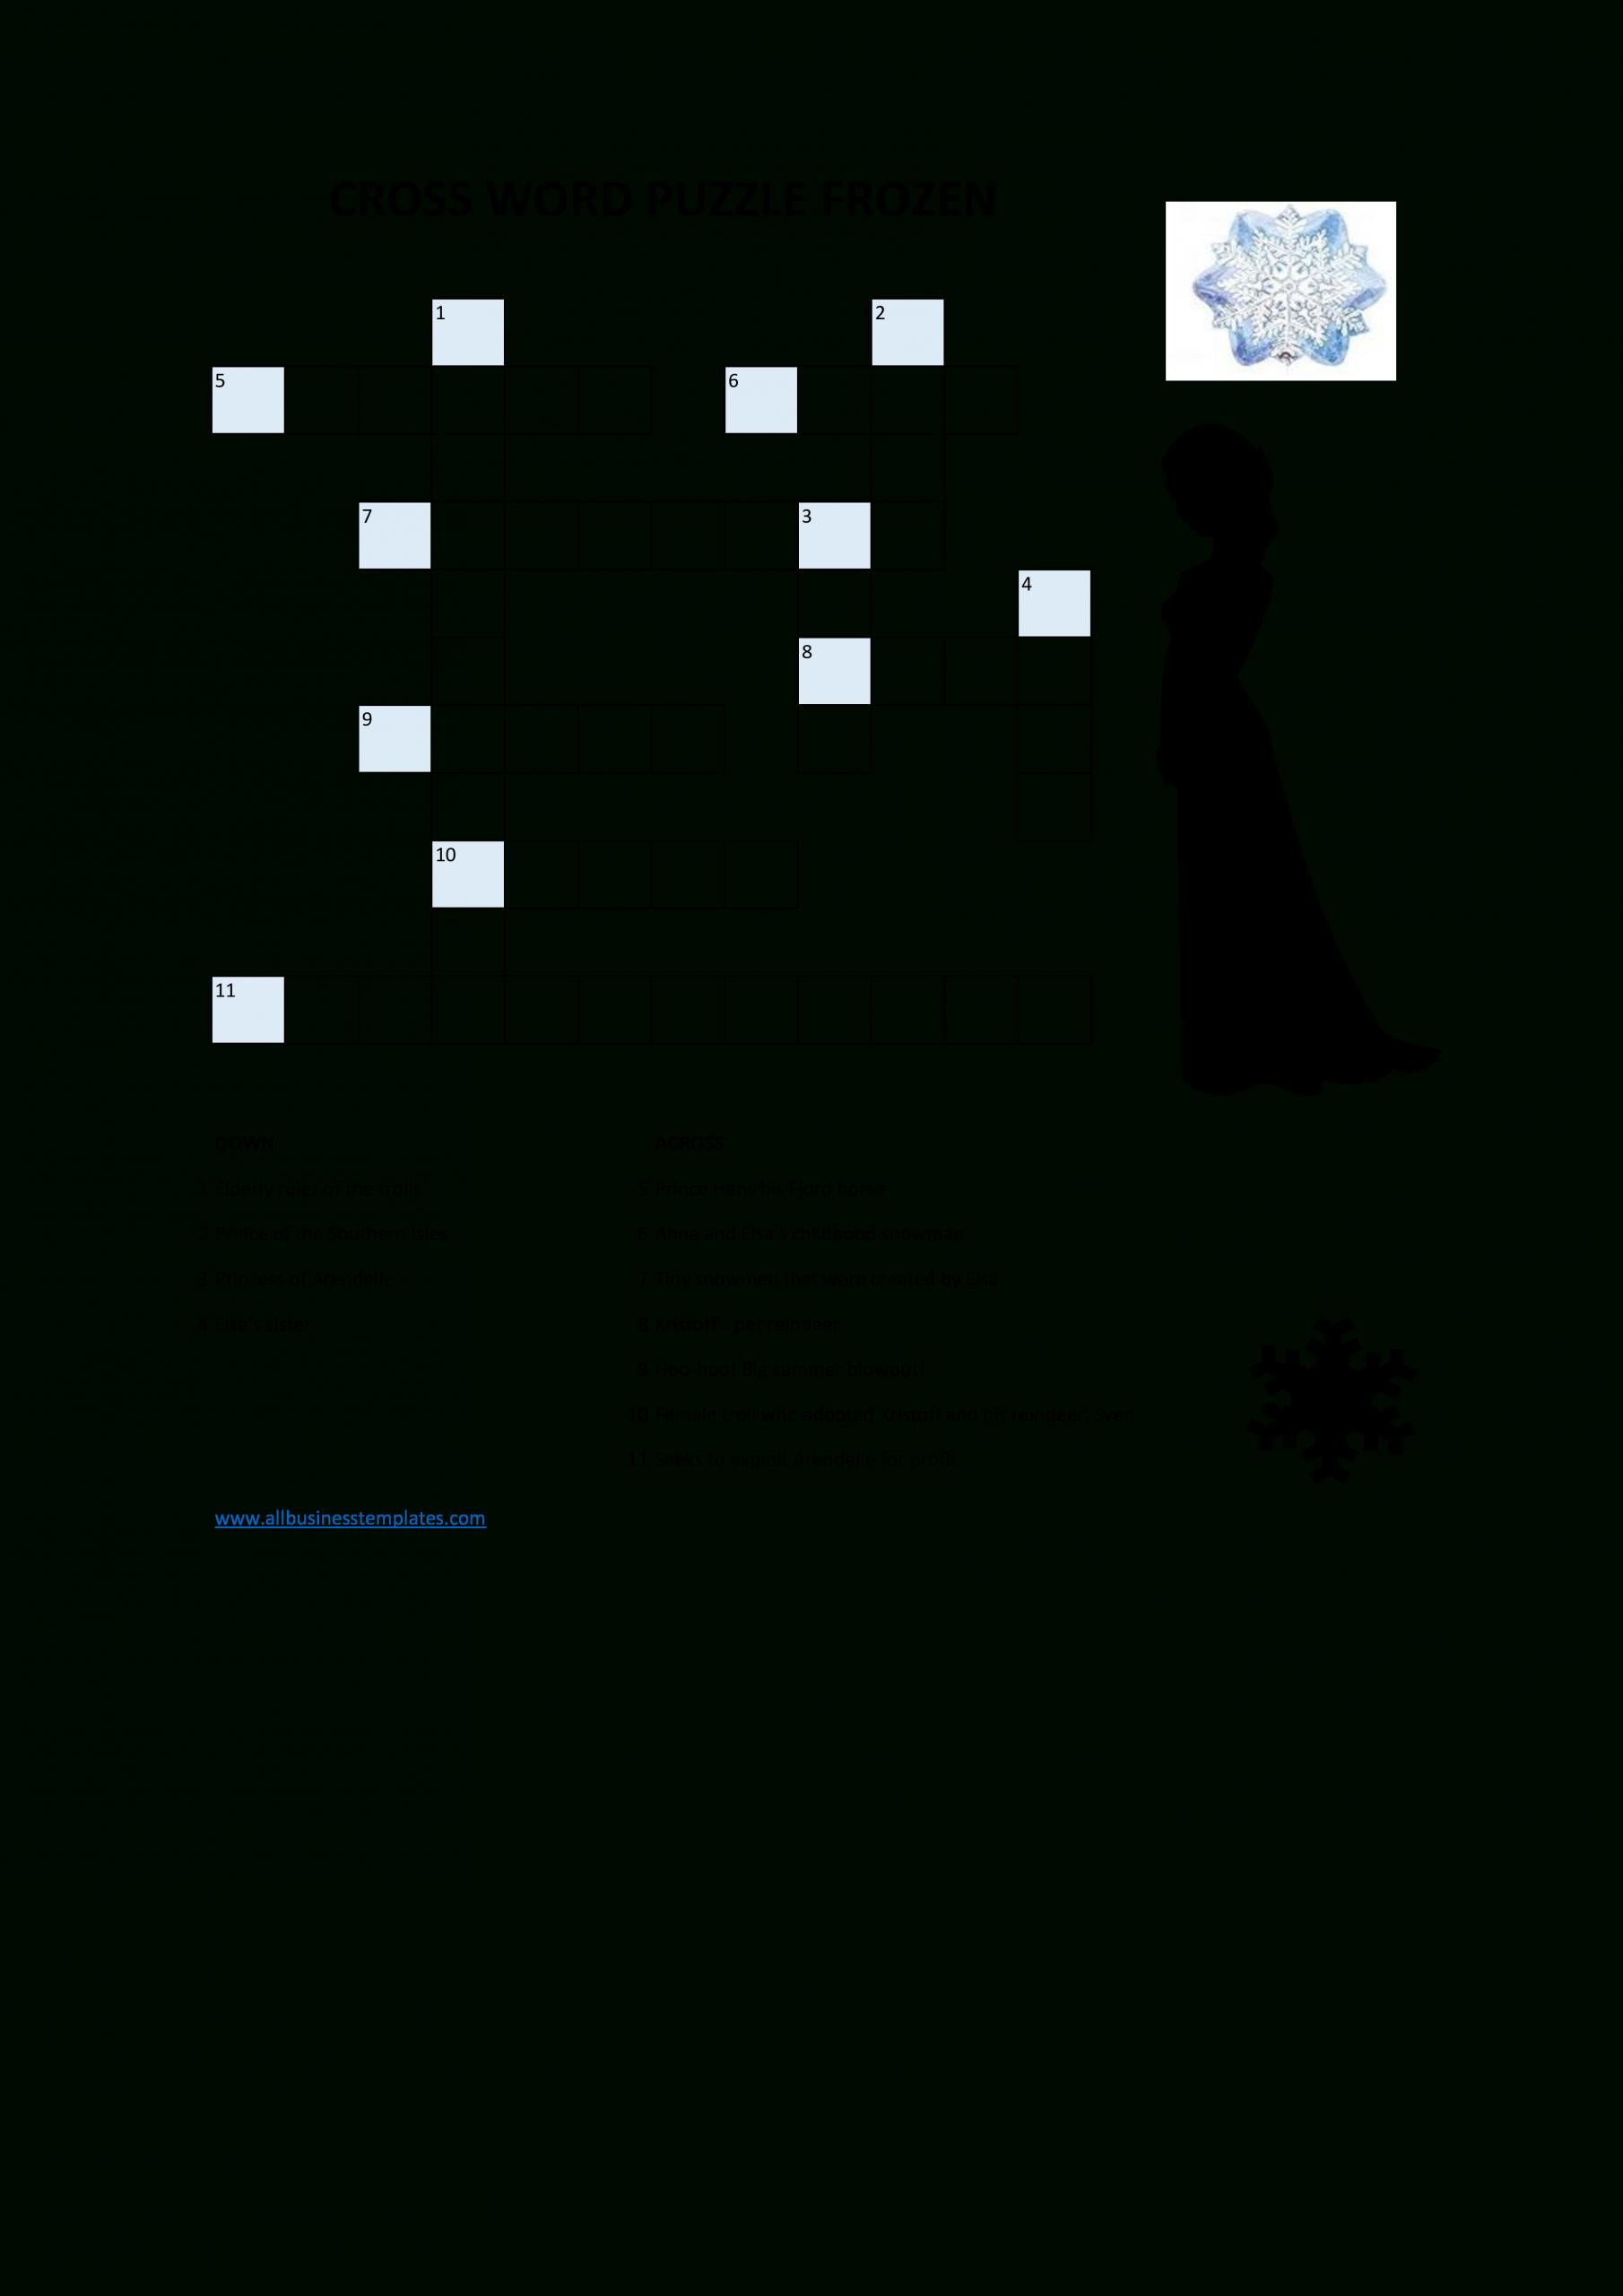 Gratis Bevroren Kruiswoordpuzzel